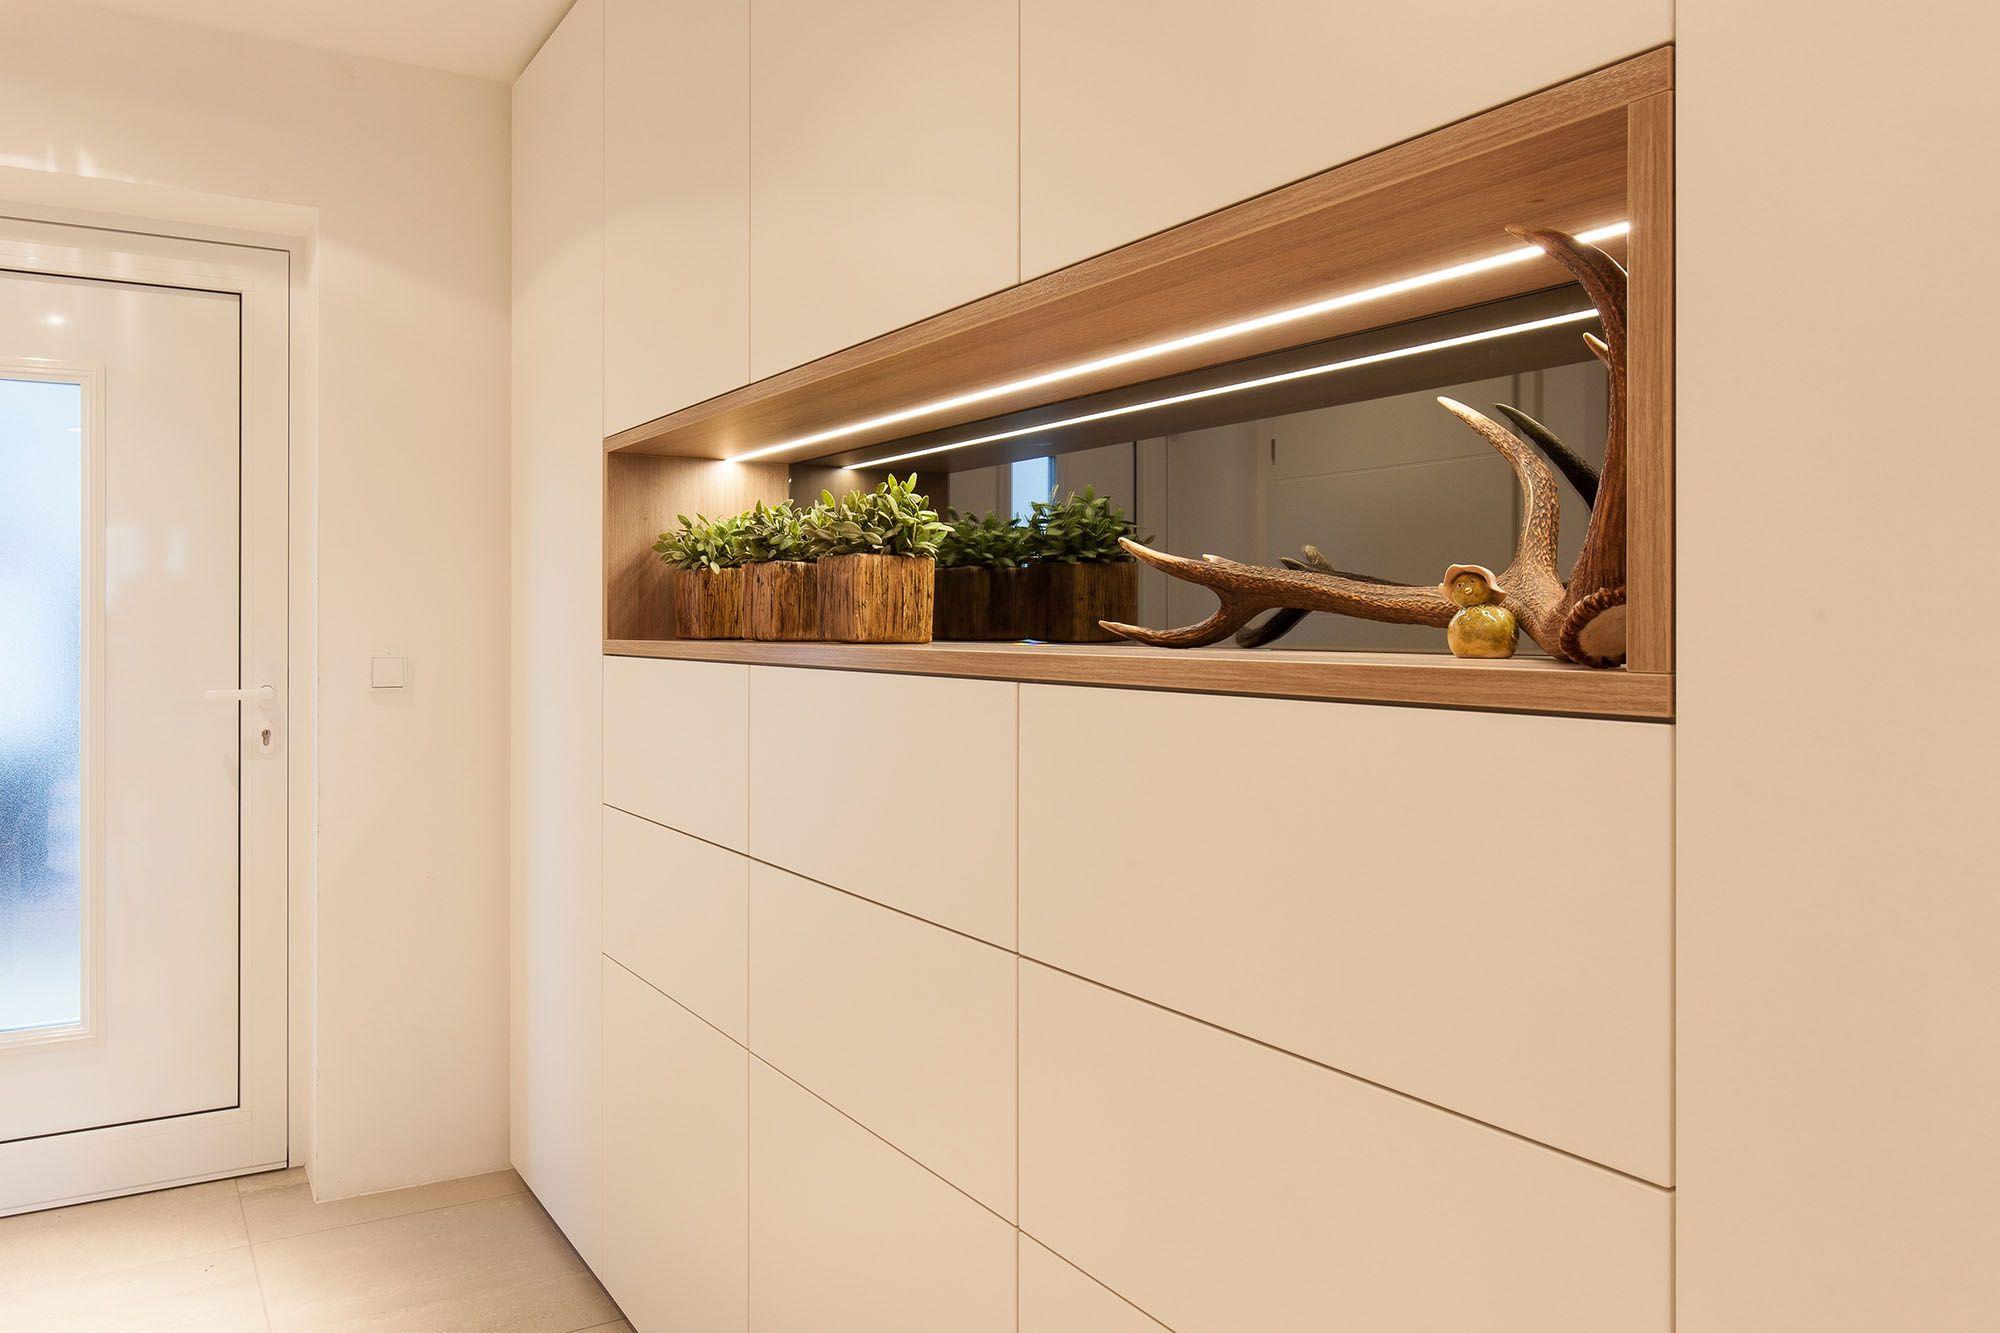 gesamtkonzept fss flur pinterest garderoben flure und einbauschrank. Black Bedroom Furniture Sets. Home Design Ideas